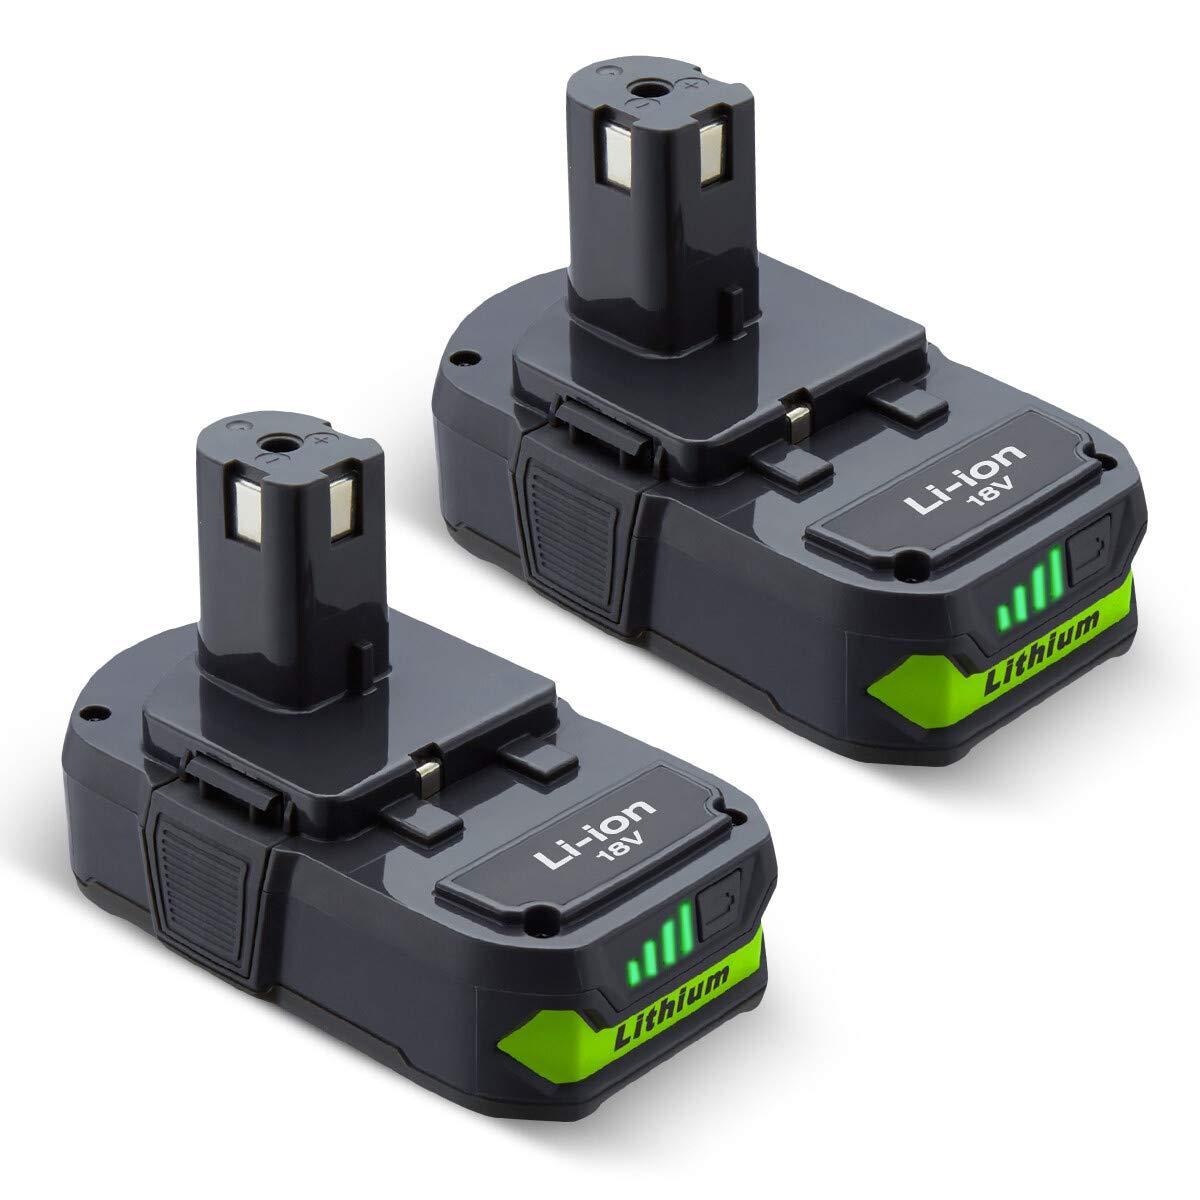 2 Baterias para Ryobi 18 Volt ONE P102 P103 P104 P105 P107